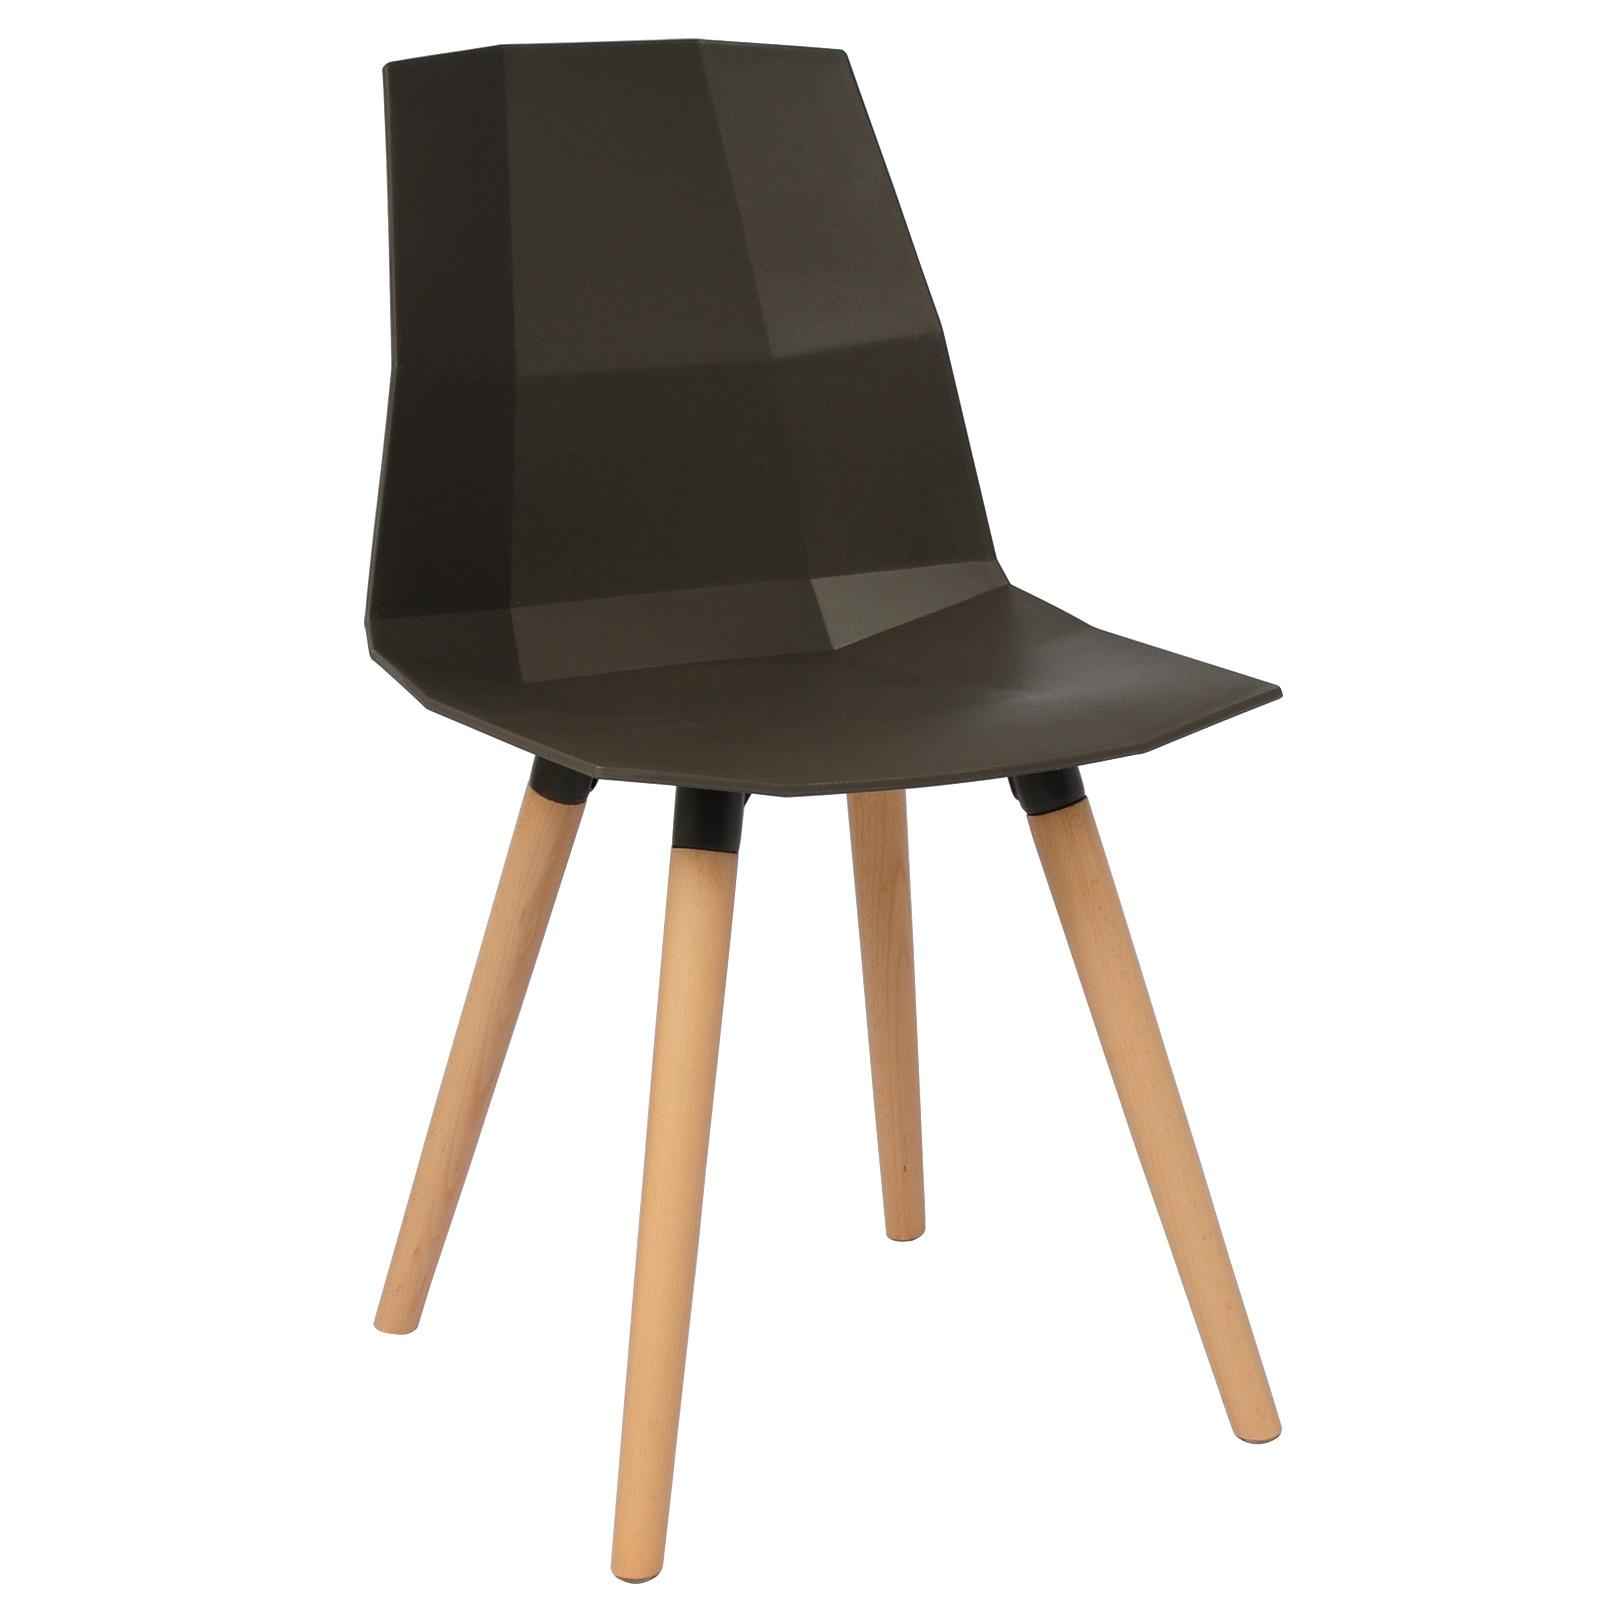 2x esszimmerst hle design stuhl k chenstuhl holz for Design stuhl kunststoff